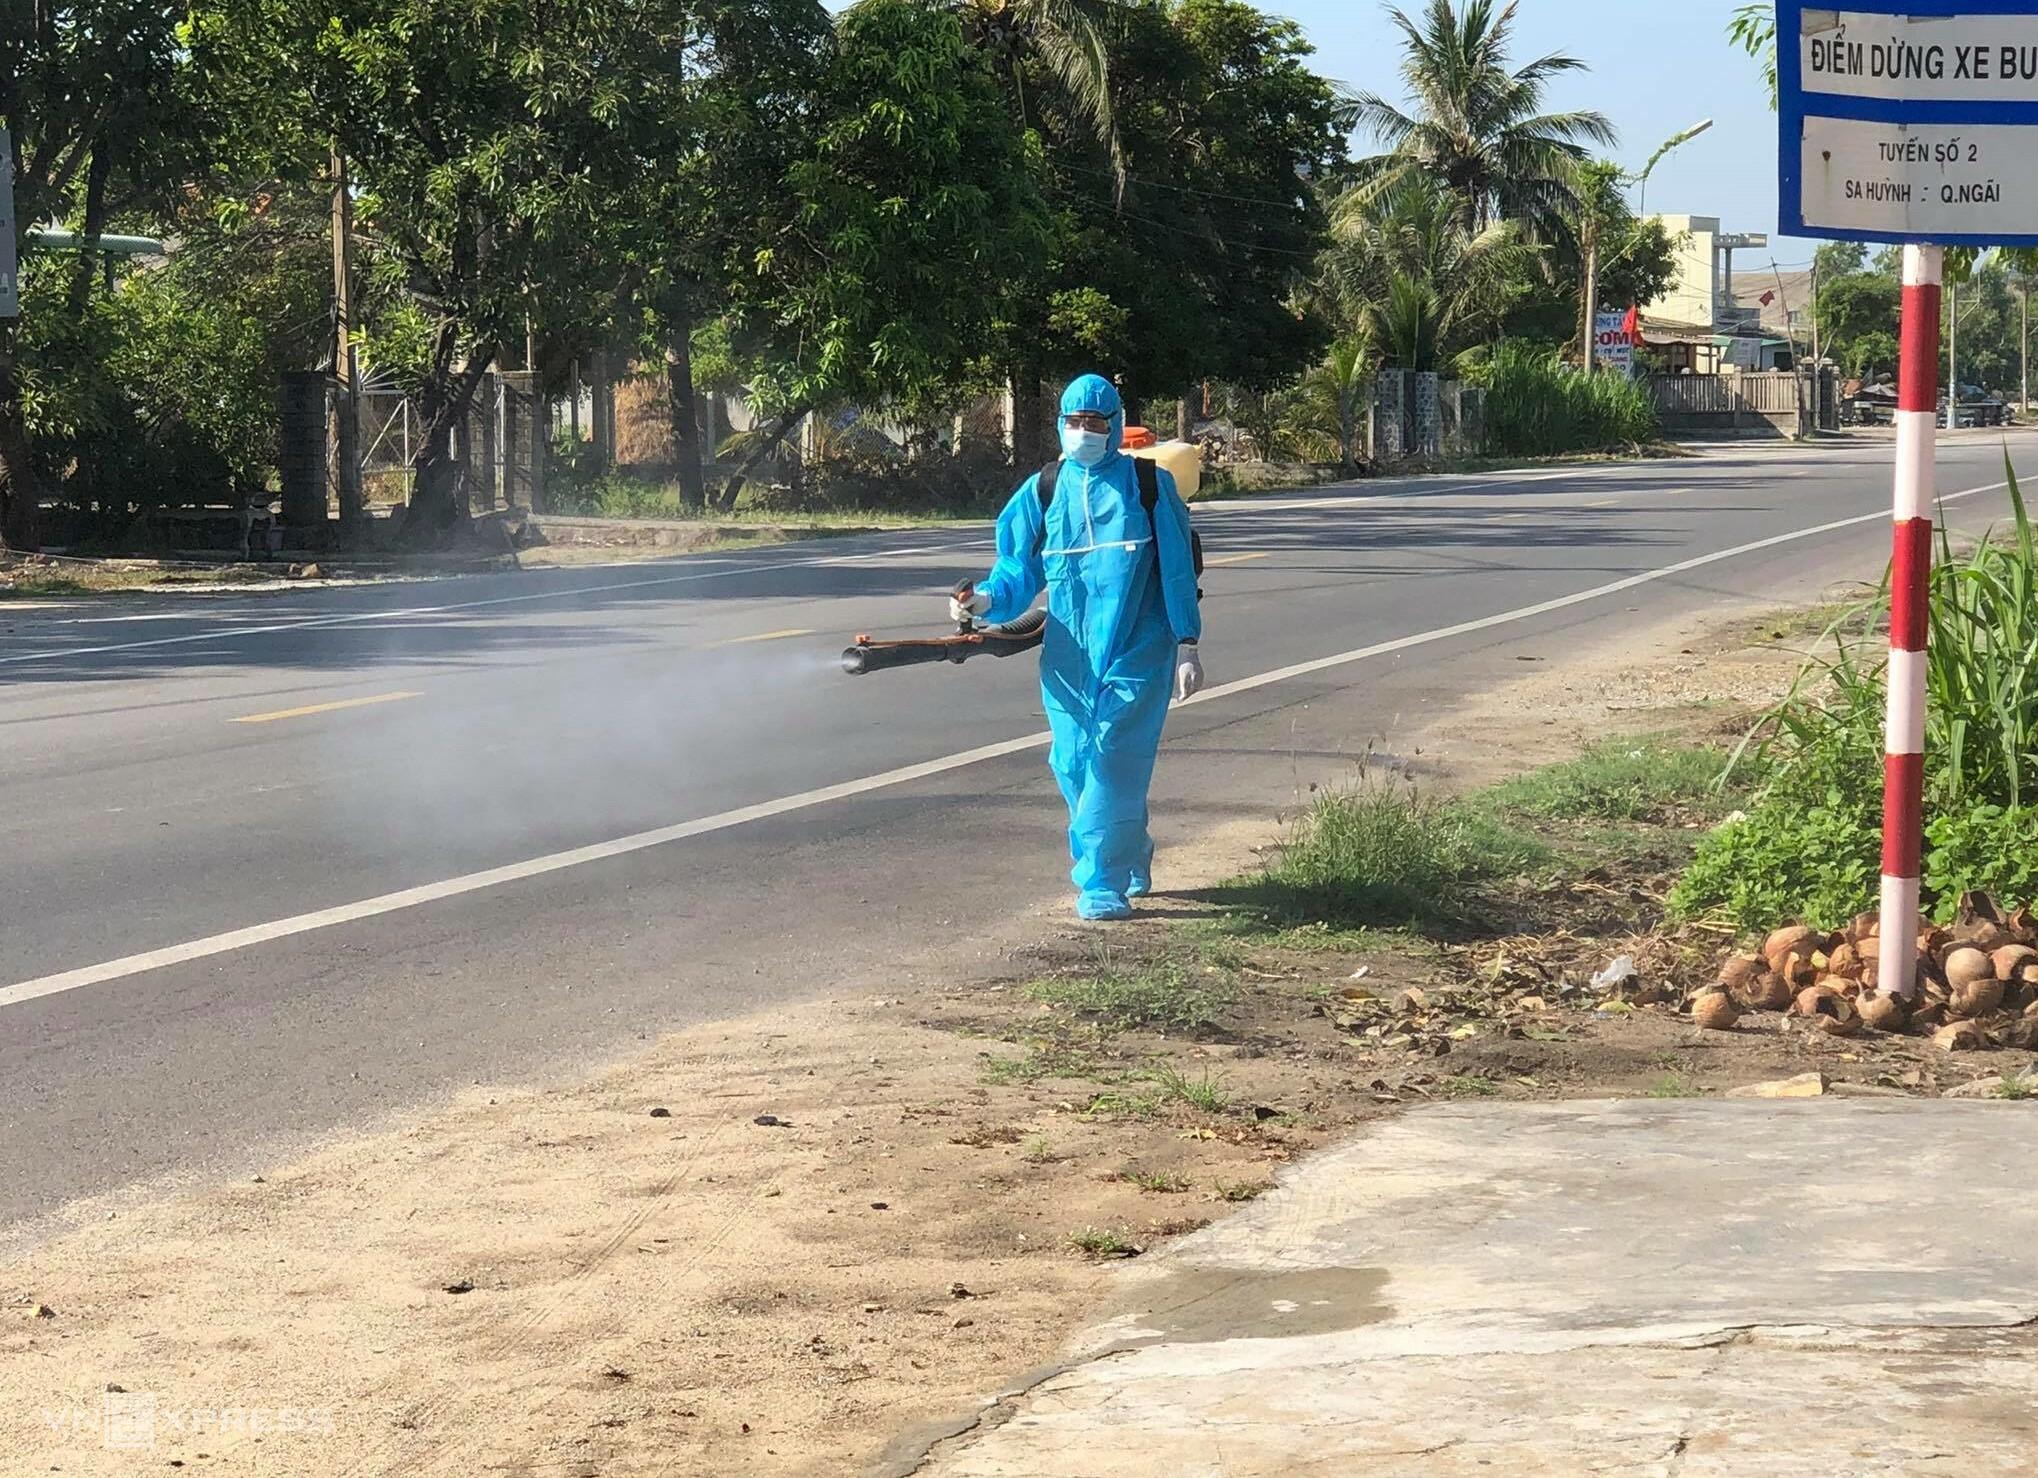 Nhân viên y tế phun thuốc khử quẩn ở trước nhà một bệnh nhân bên quốc lộ 1. Ảnh: Phương Trần.